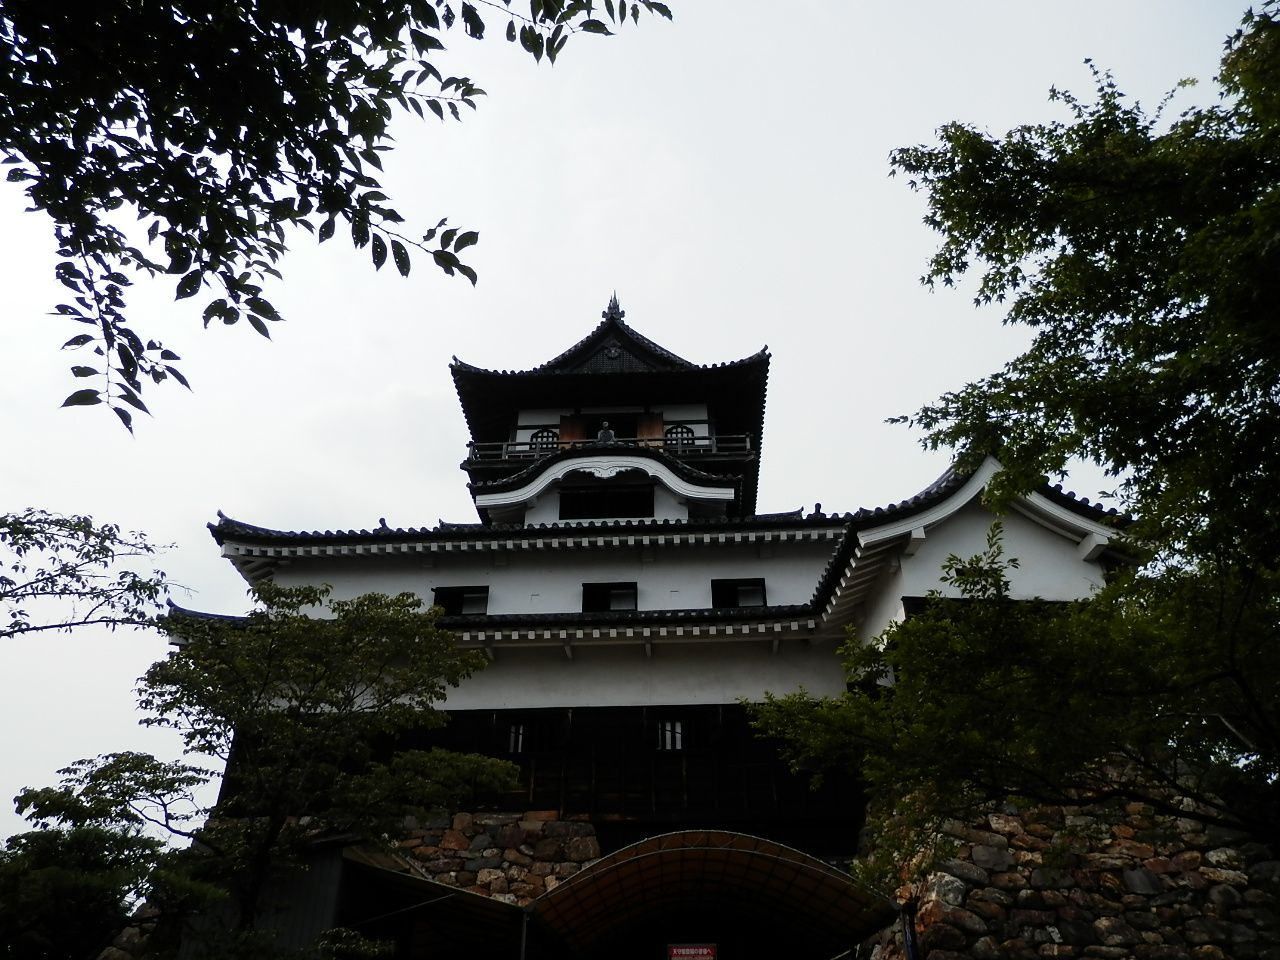 現存天守最古!国宝犬山城の威厳とその美しさにふれる